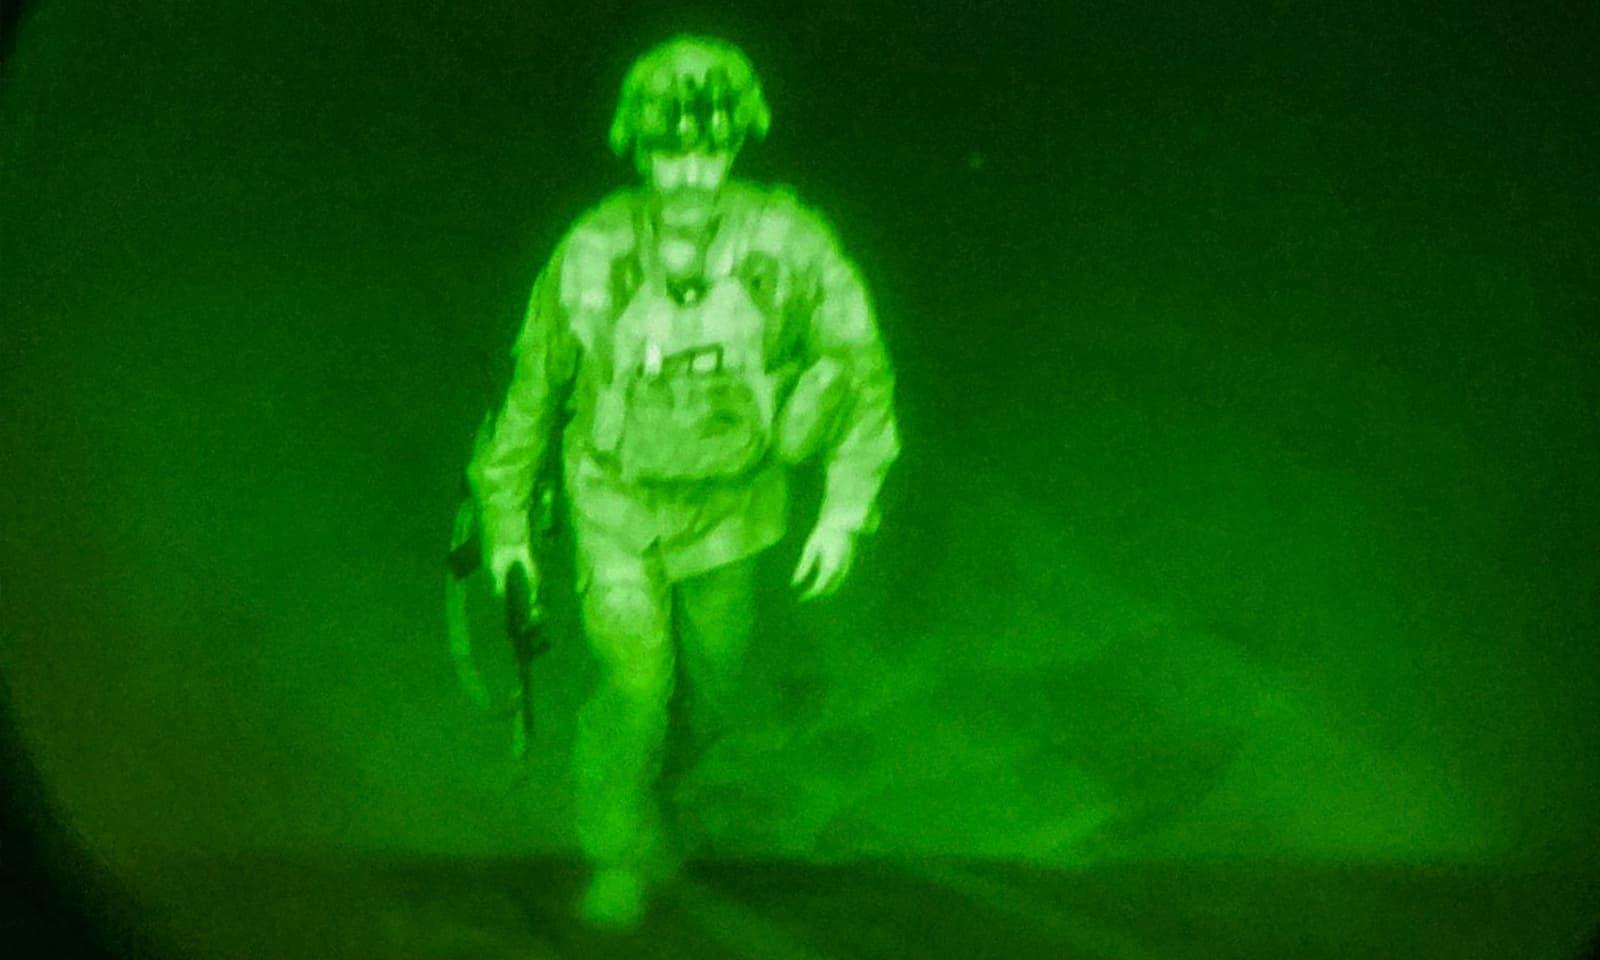 افغانستان سے جانے والے آخری امریکی فوجی کی تصویر کو تاریخی قرار دیا جارہا ہے—فوٹو: رائٹرز